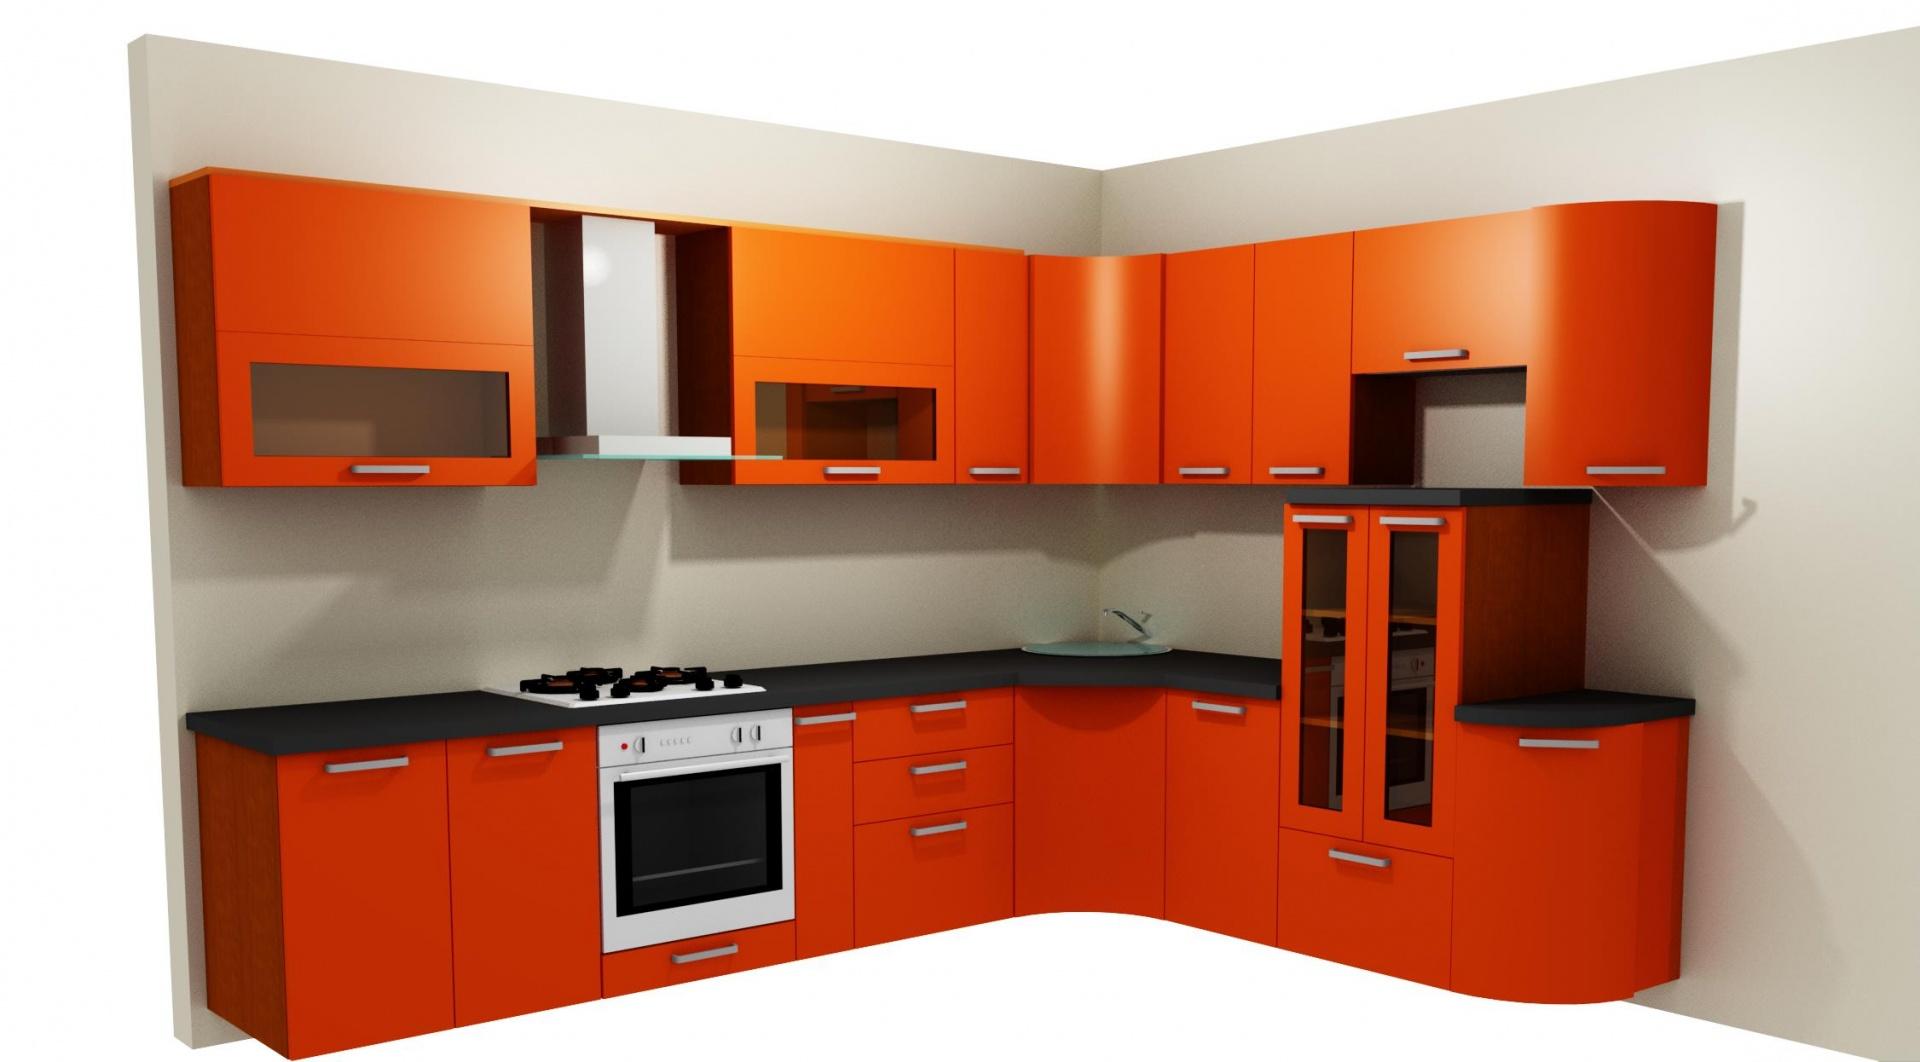 Планировка кухни пример на фото